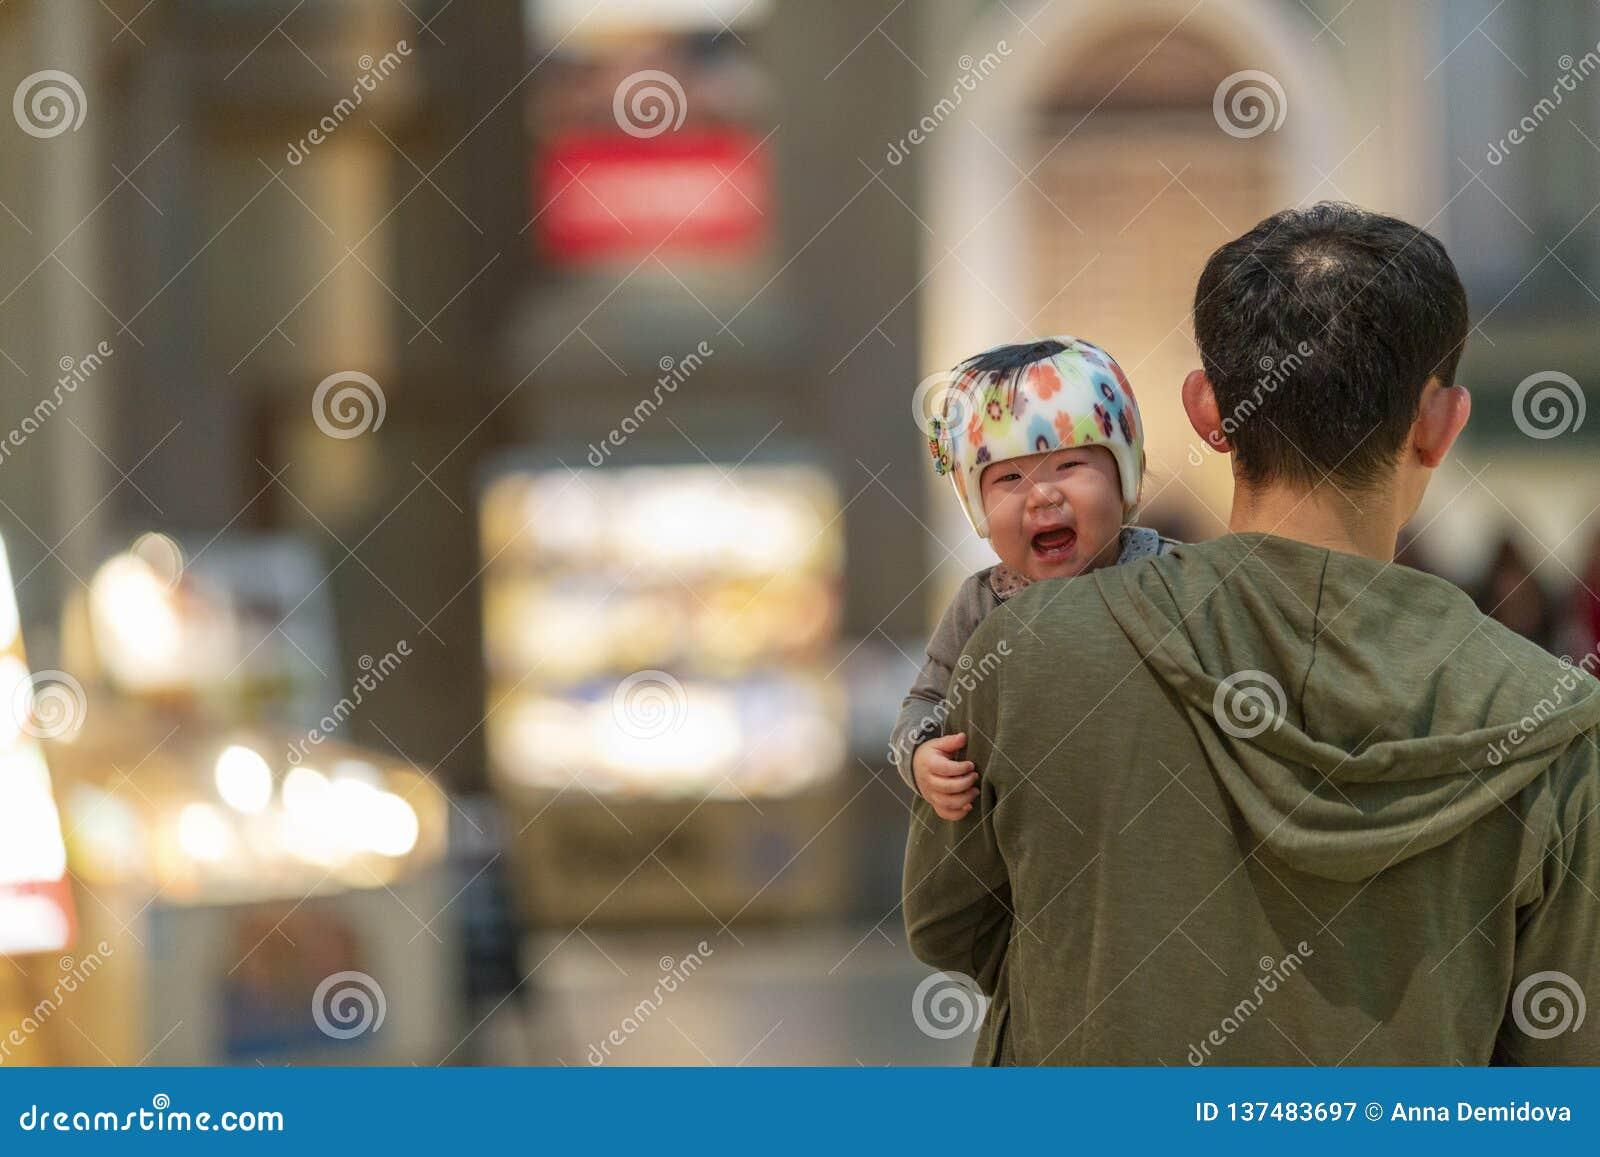 Ιαπωνία, Τόκιο, 04/08/2017 Ένα φωνάζοντας ασιατικό παιδί στα όπλα του μπαμπά